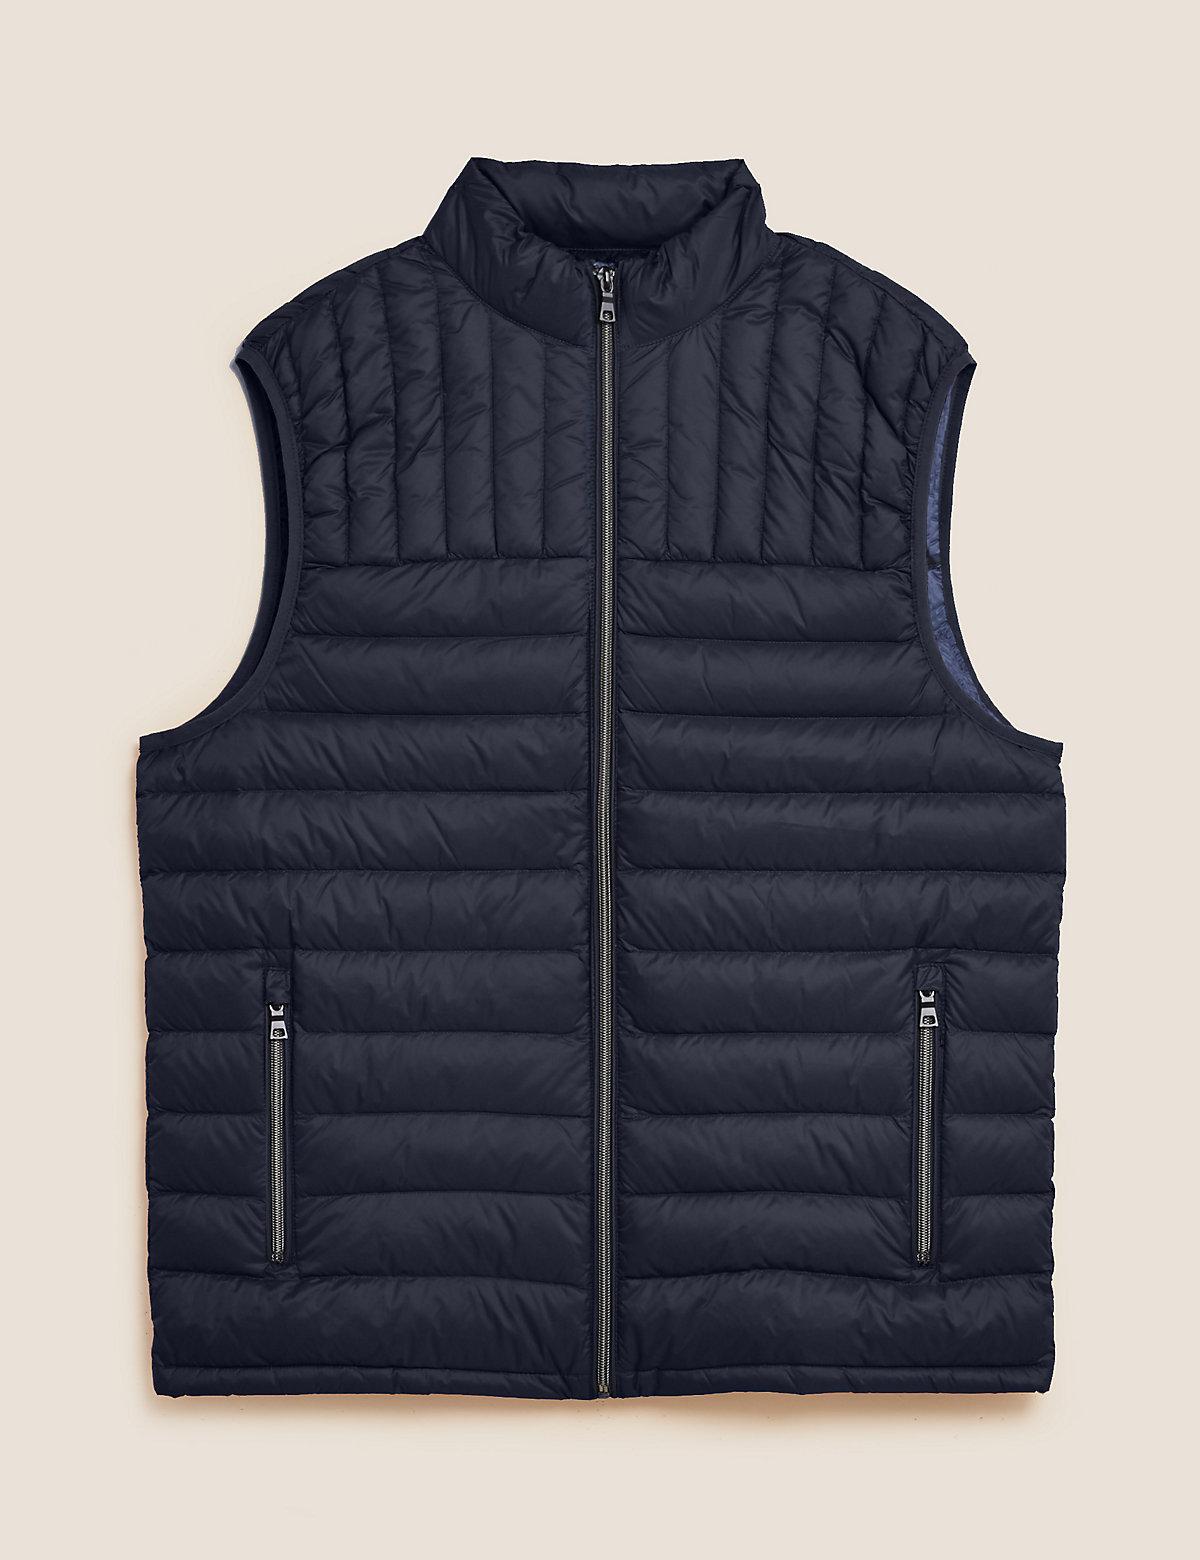 Жилет из пуха и пера с отделкой Stormwear™ с высокой горловиной